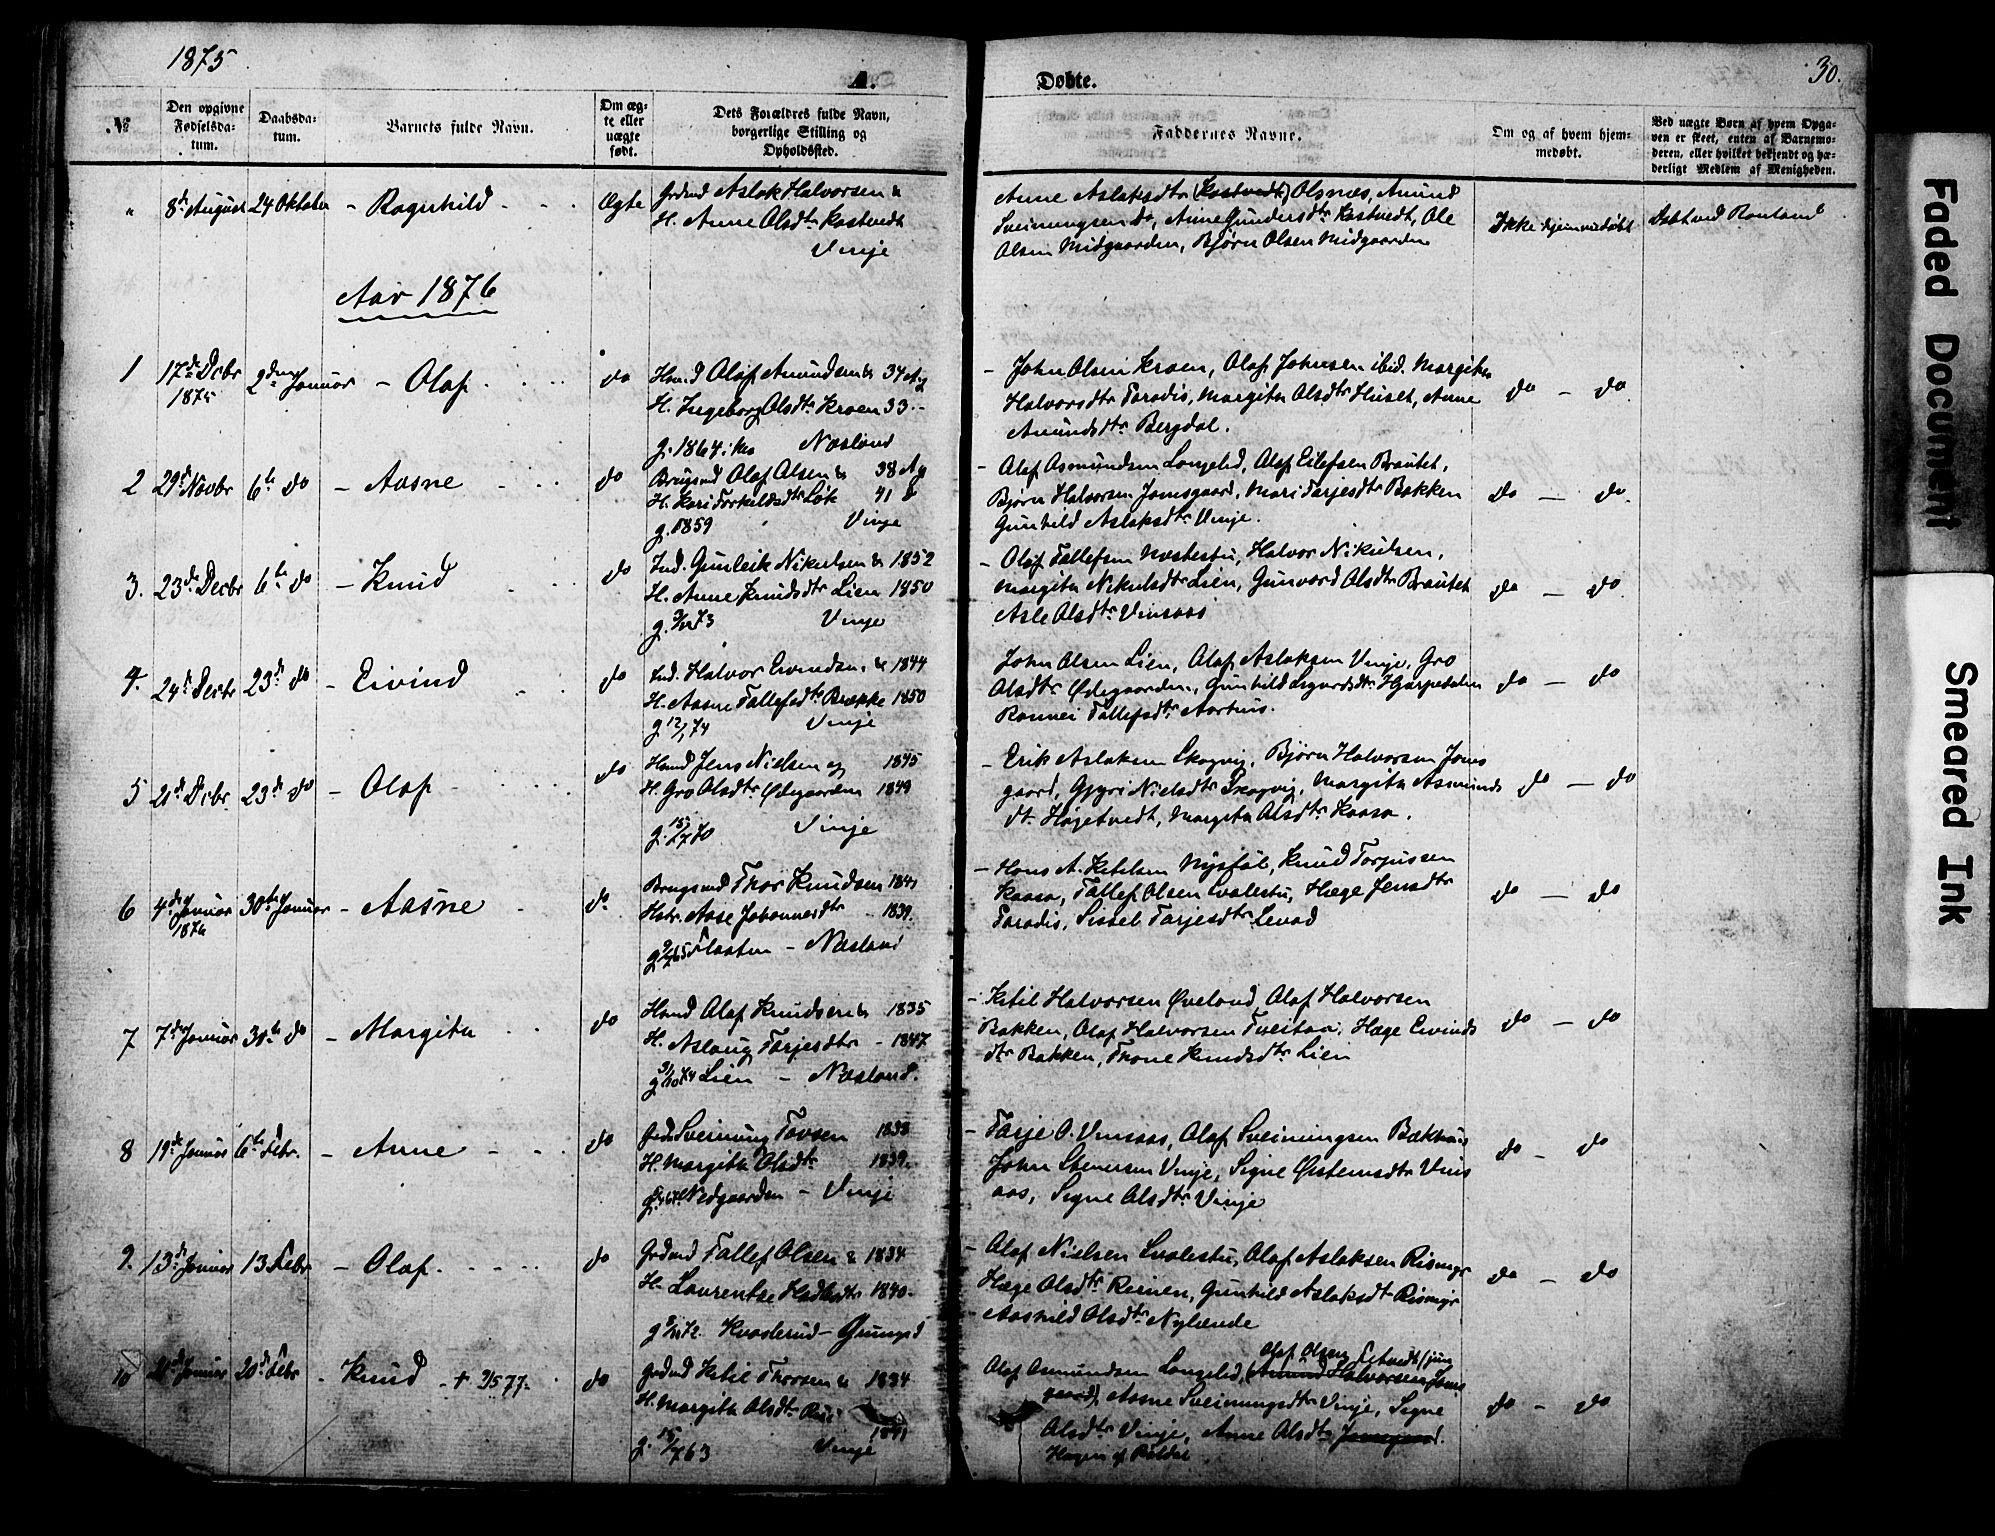 SAKO, Vinje kirkebøker, F/Fa/L0005: Ministerialbok nr. I 5, 1870-1886, s. 30